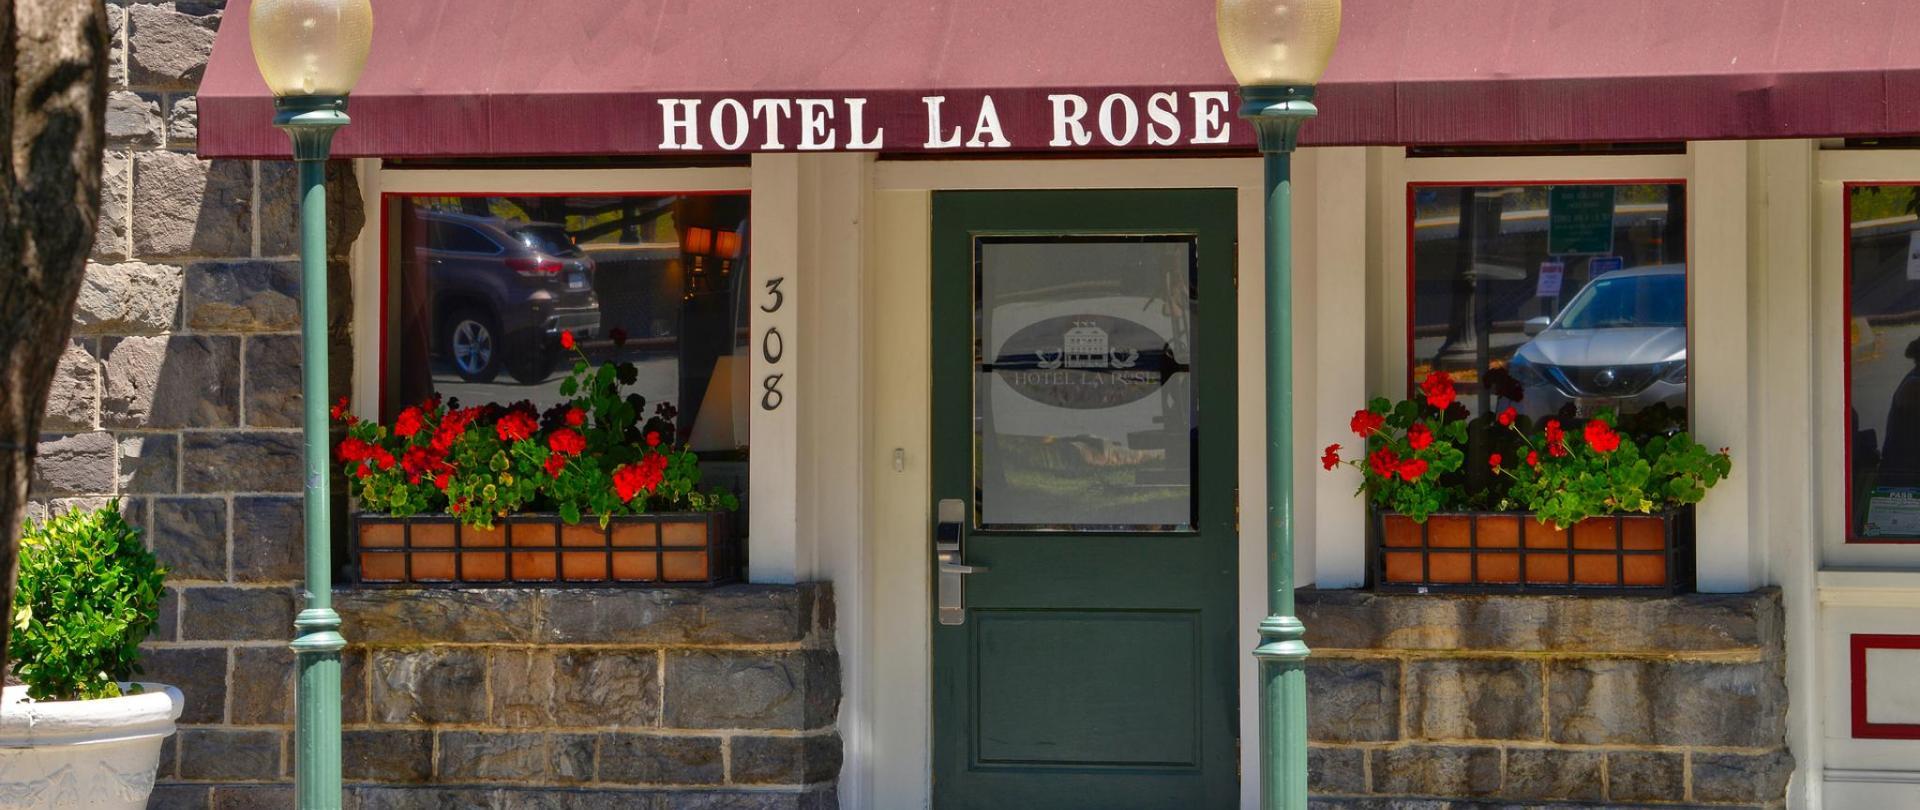 Historic Hotel La Rose